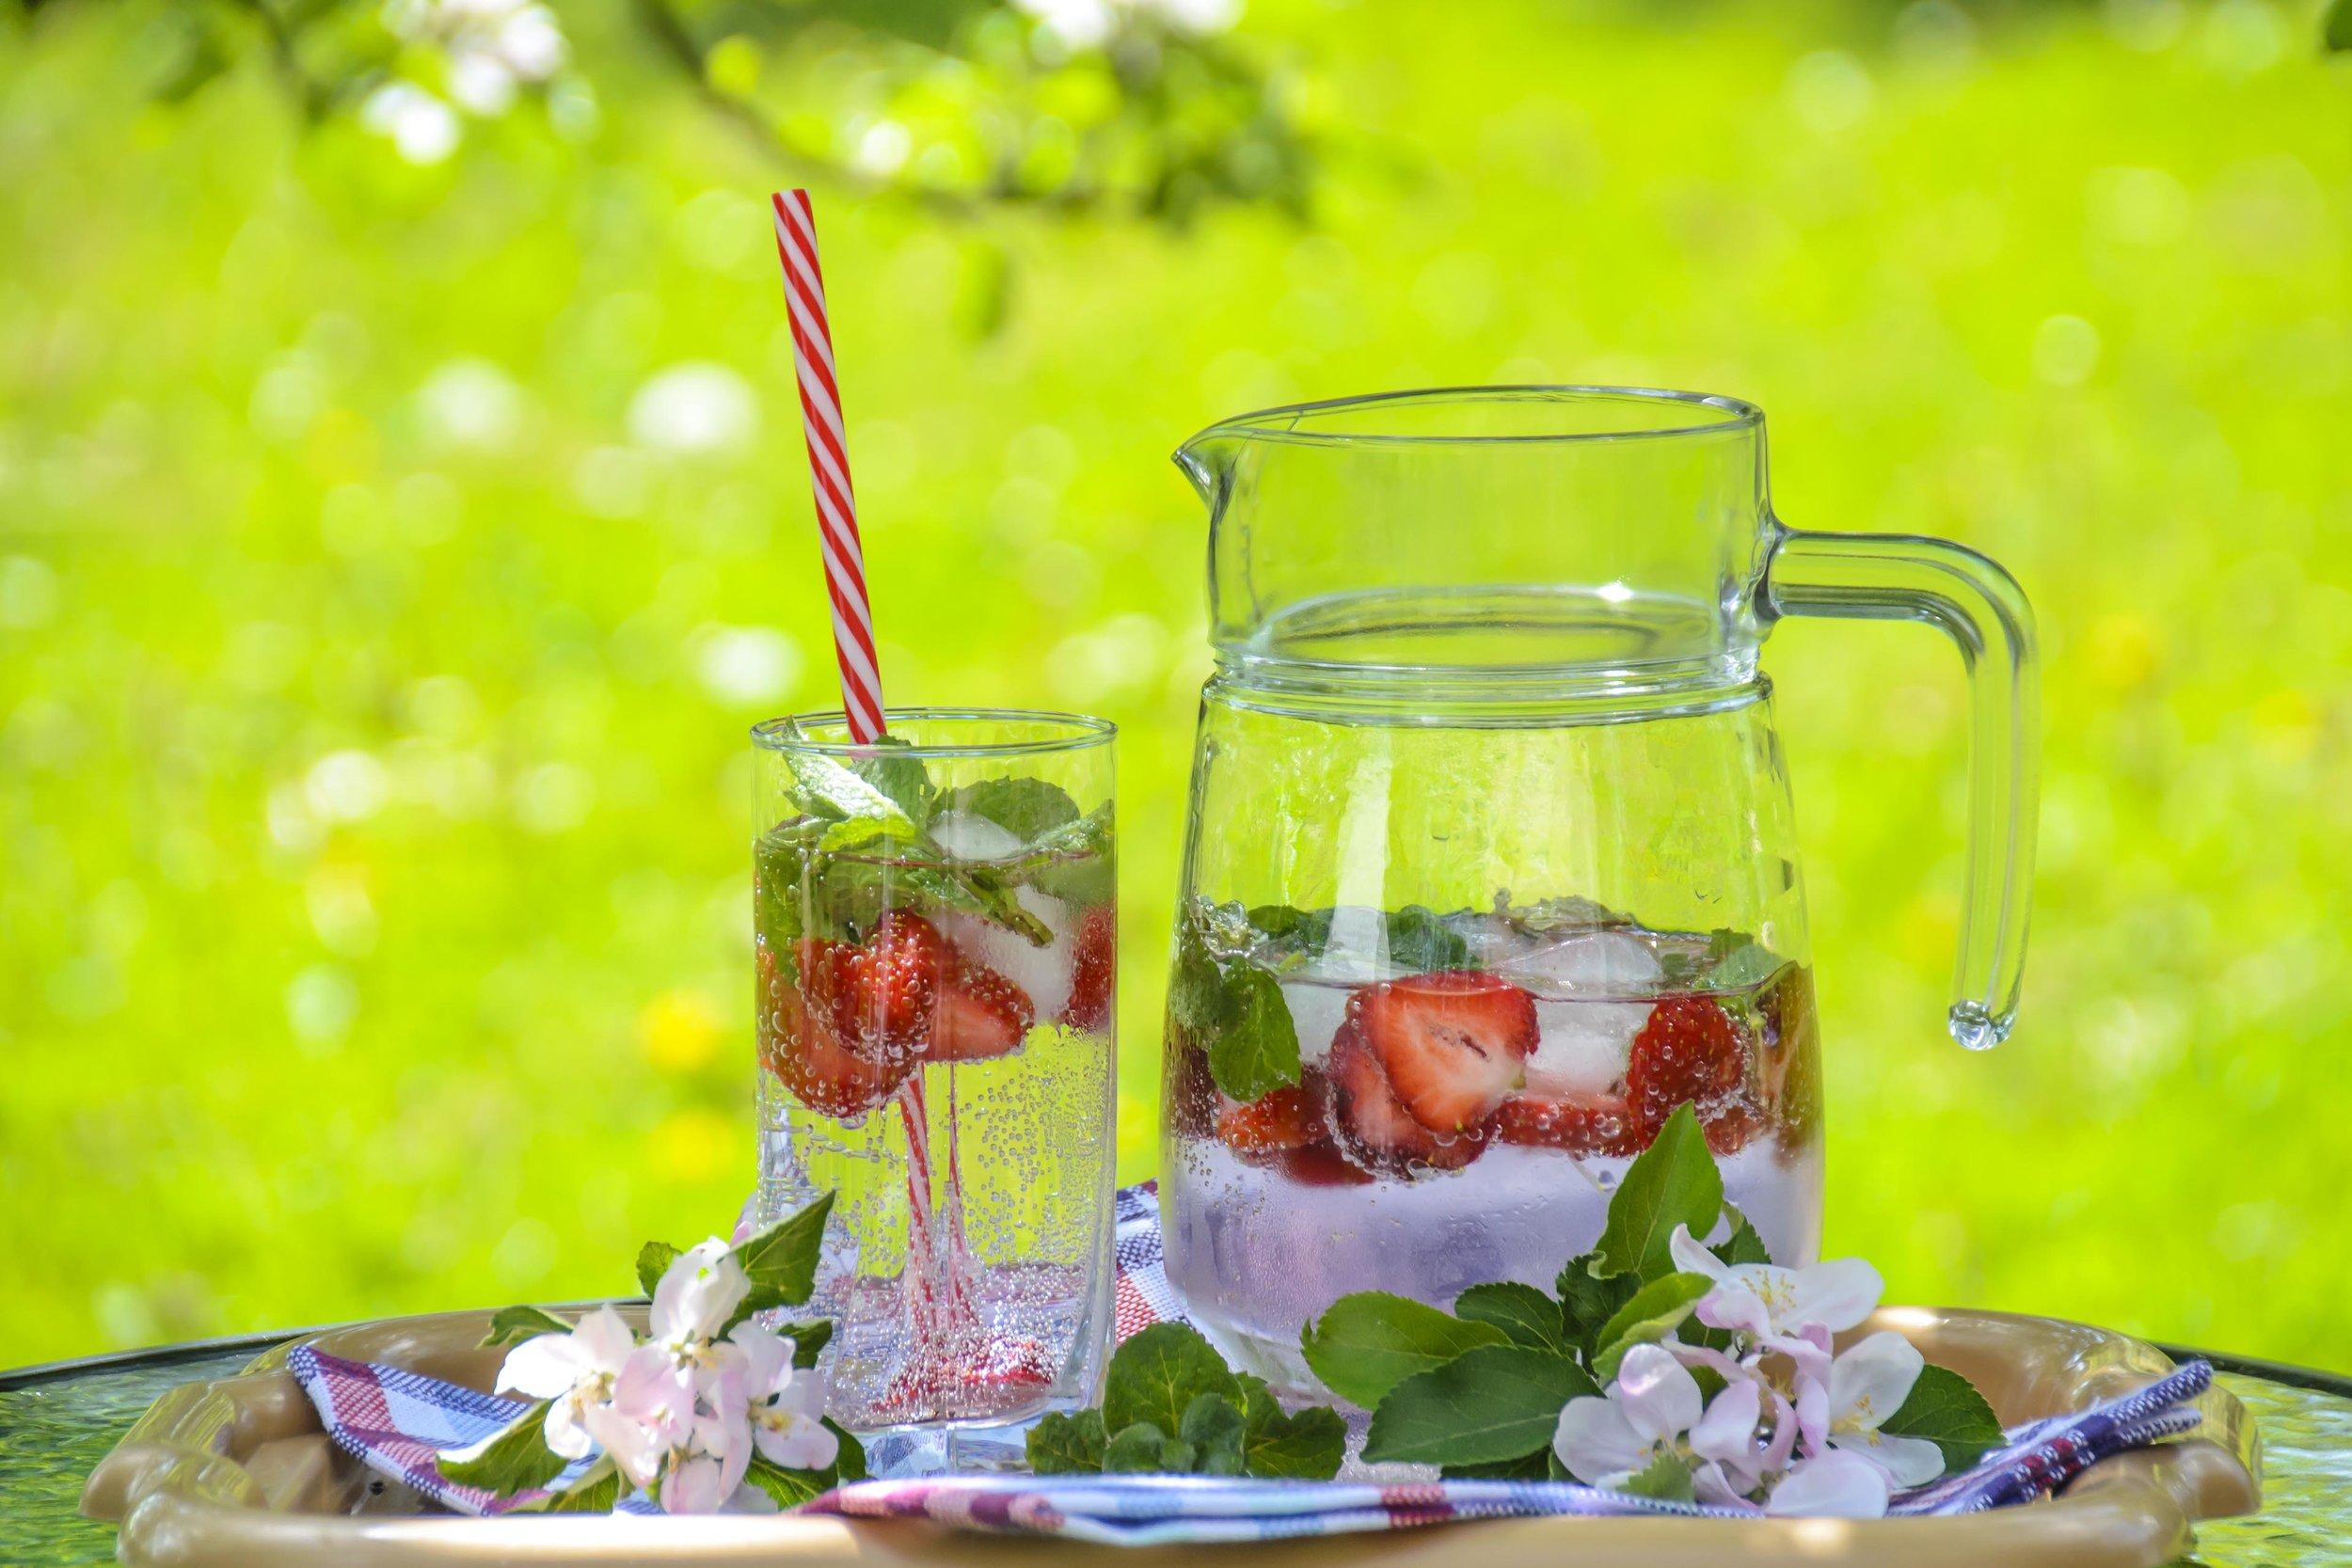 Strawberry-Pitcher-Resized.jpg